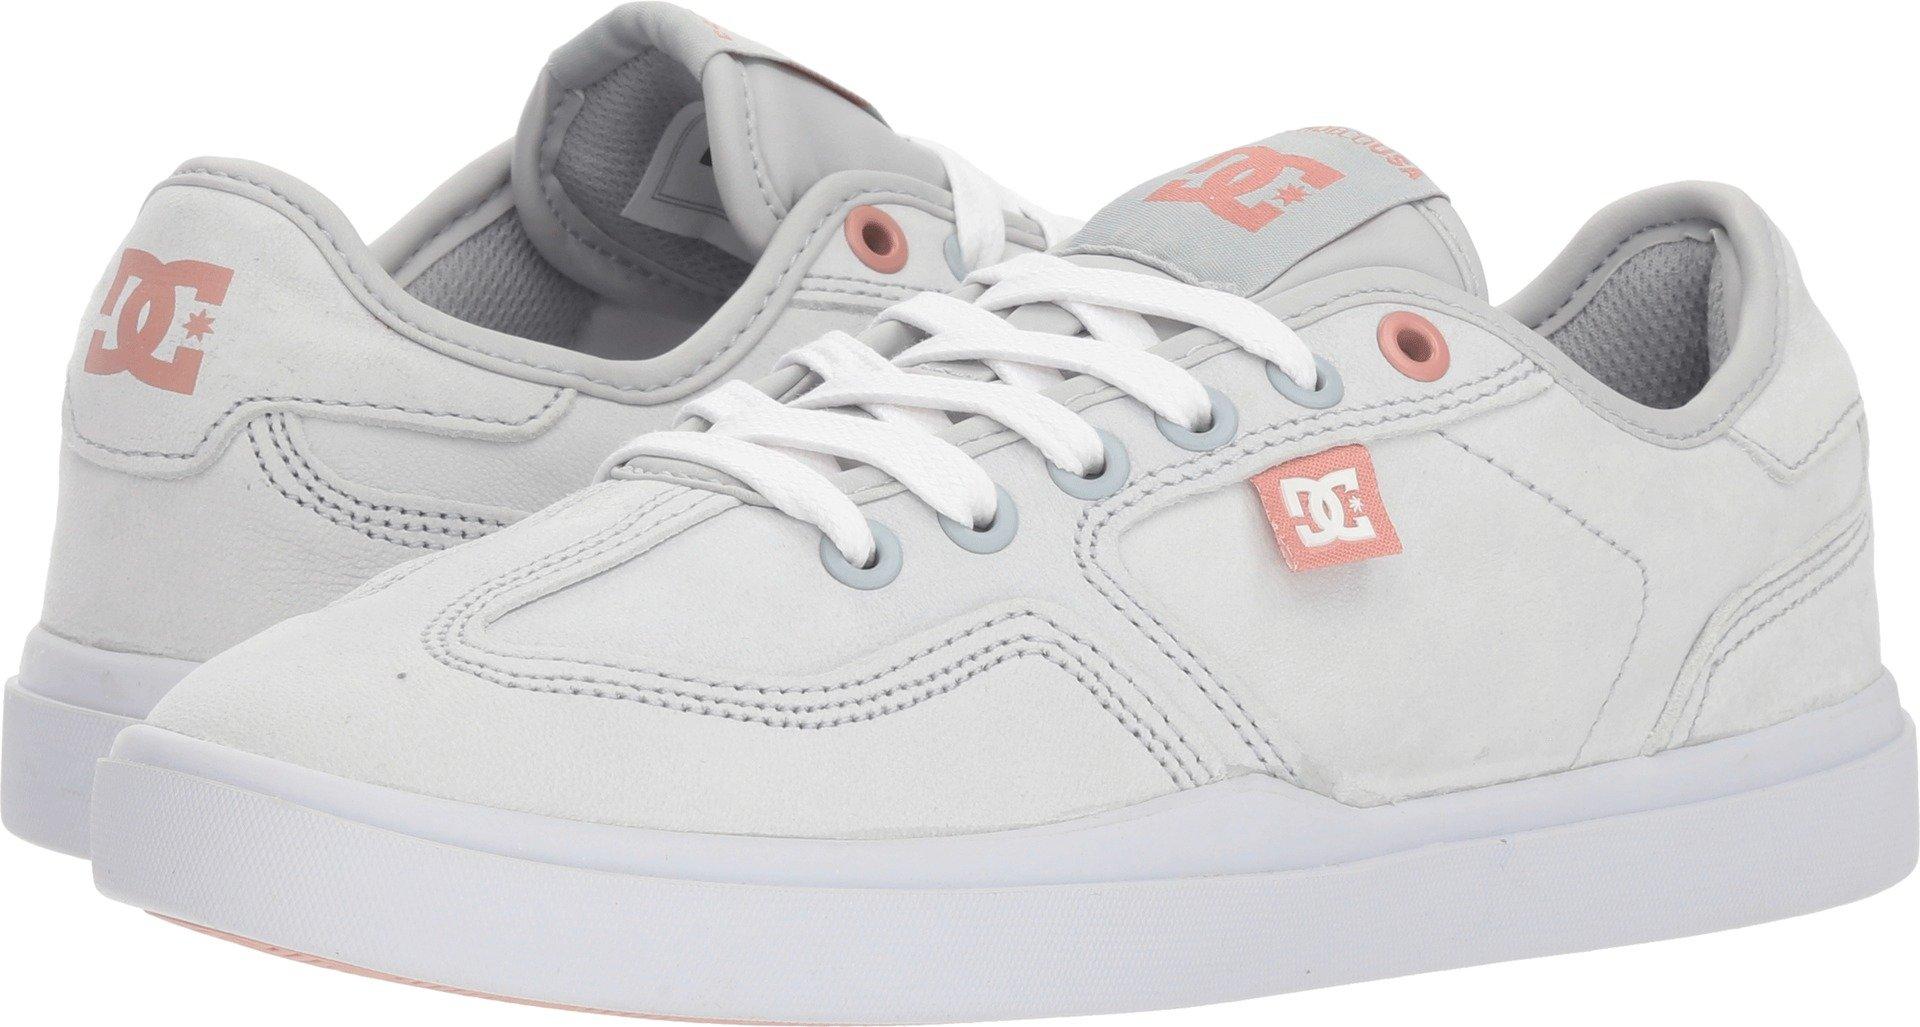 DC Women's Vestrey Le Shoes 6B Grey/Grey/White by DC